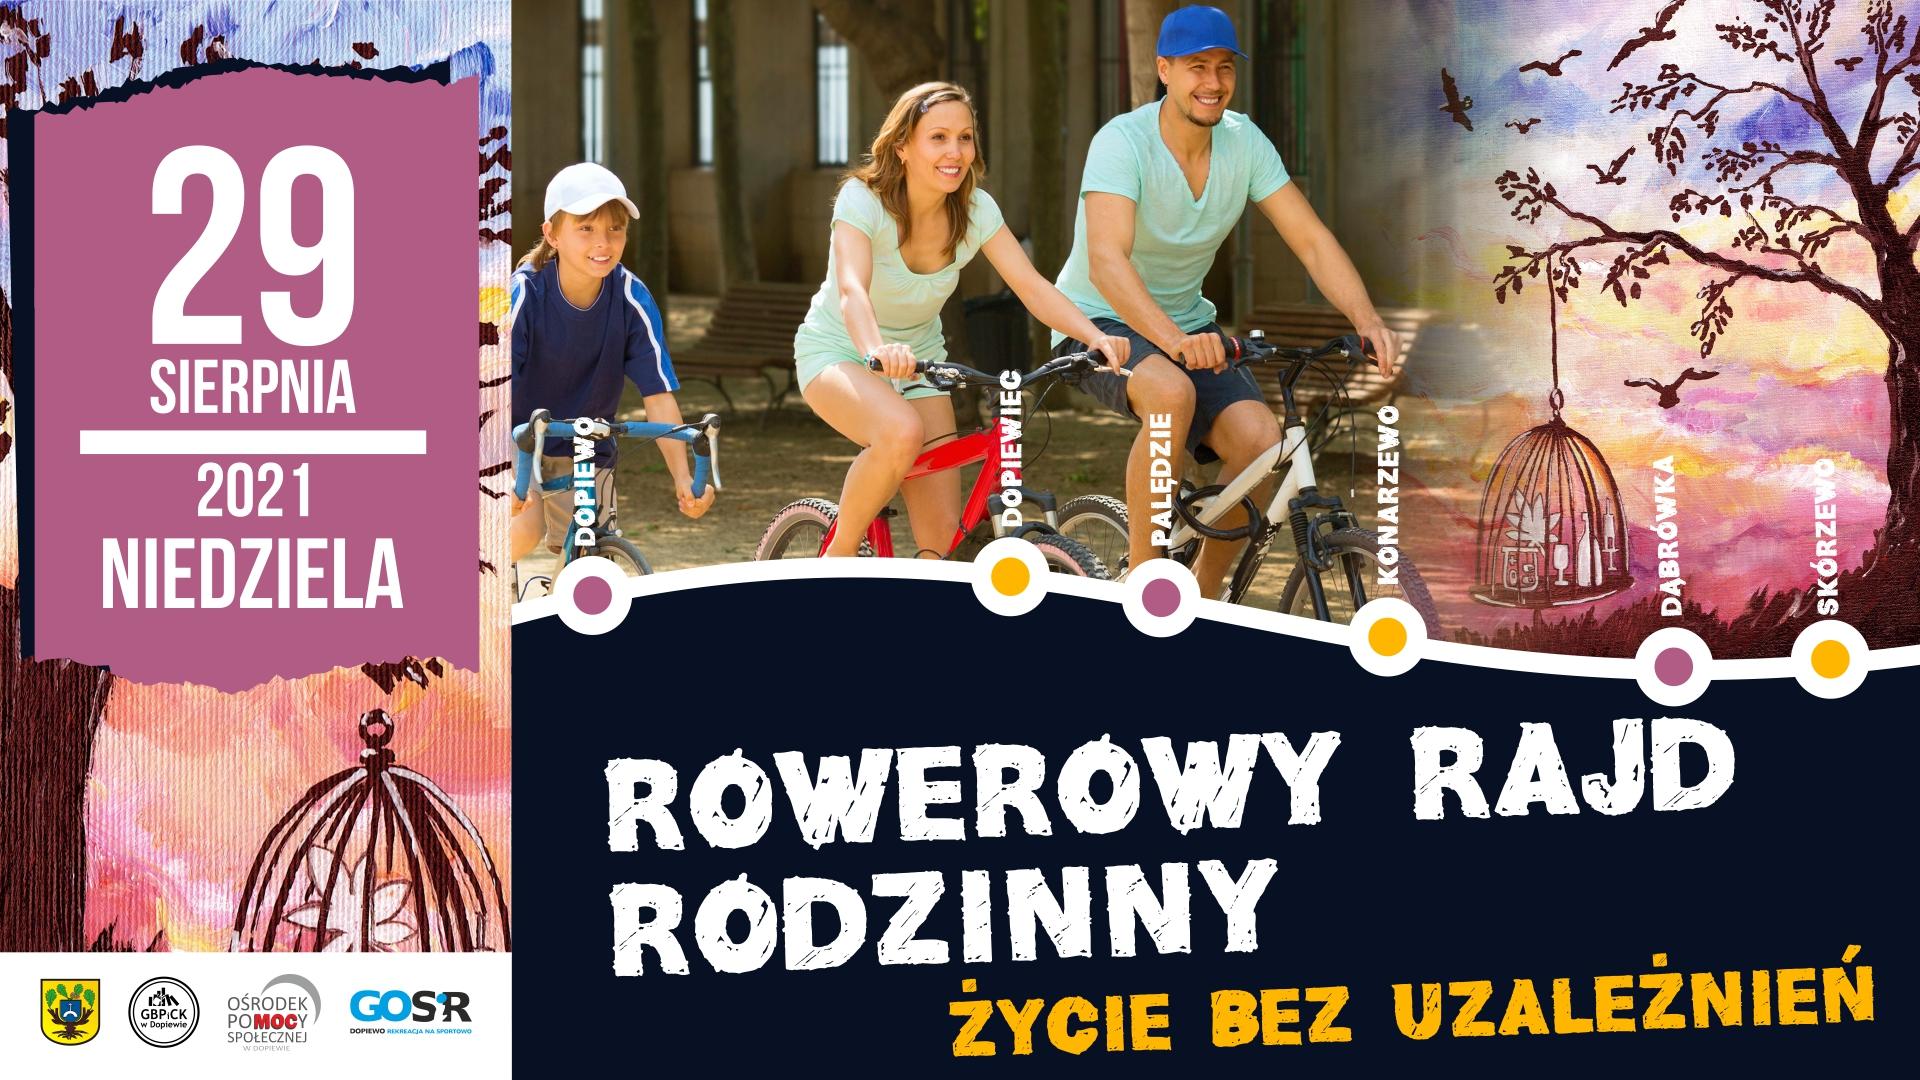 Rodzina jedzie na roweże